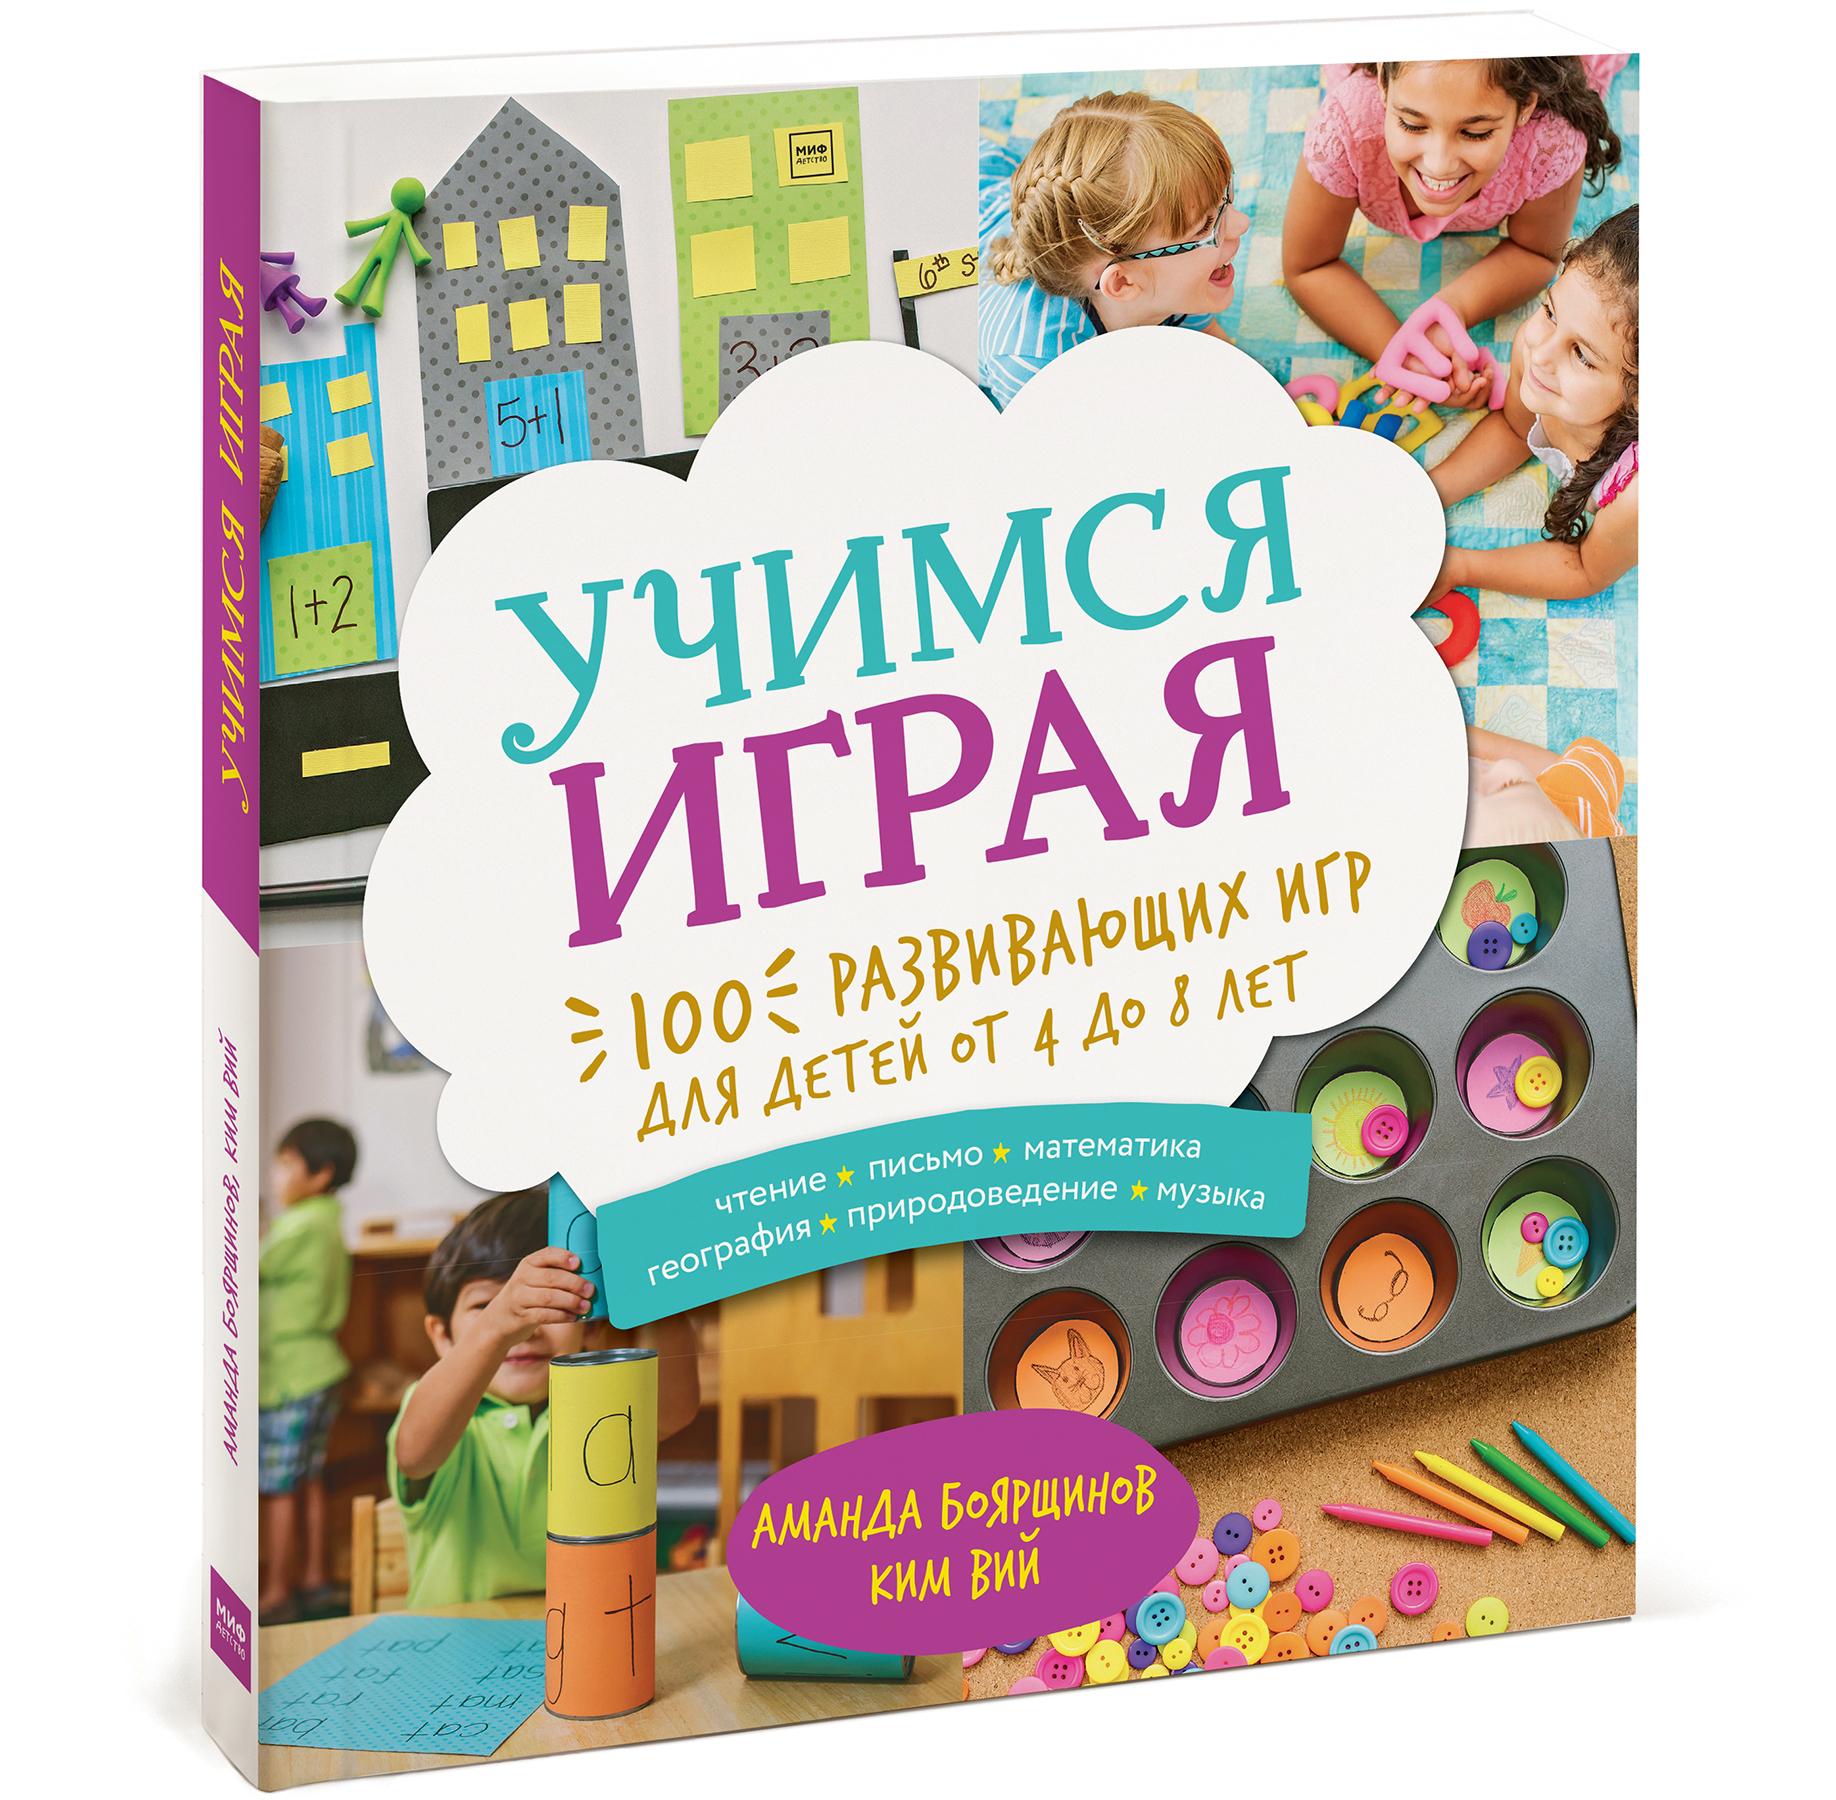 Аманда Боярщинов, Ким Вий Учимся играя. 100 развивающих игр для детей от 4 до 8 лет